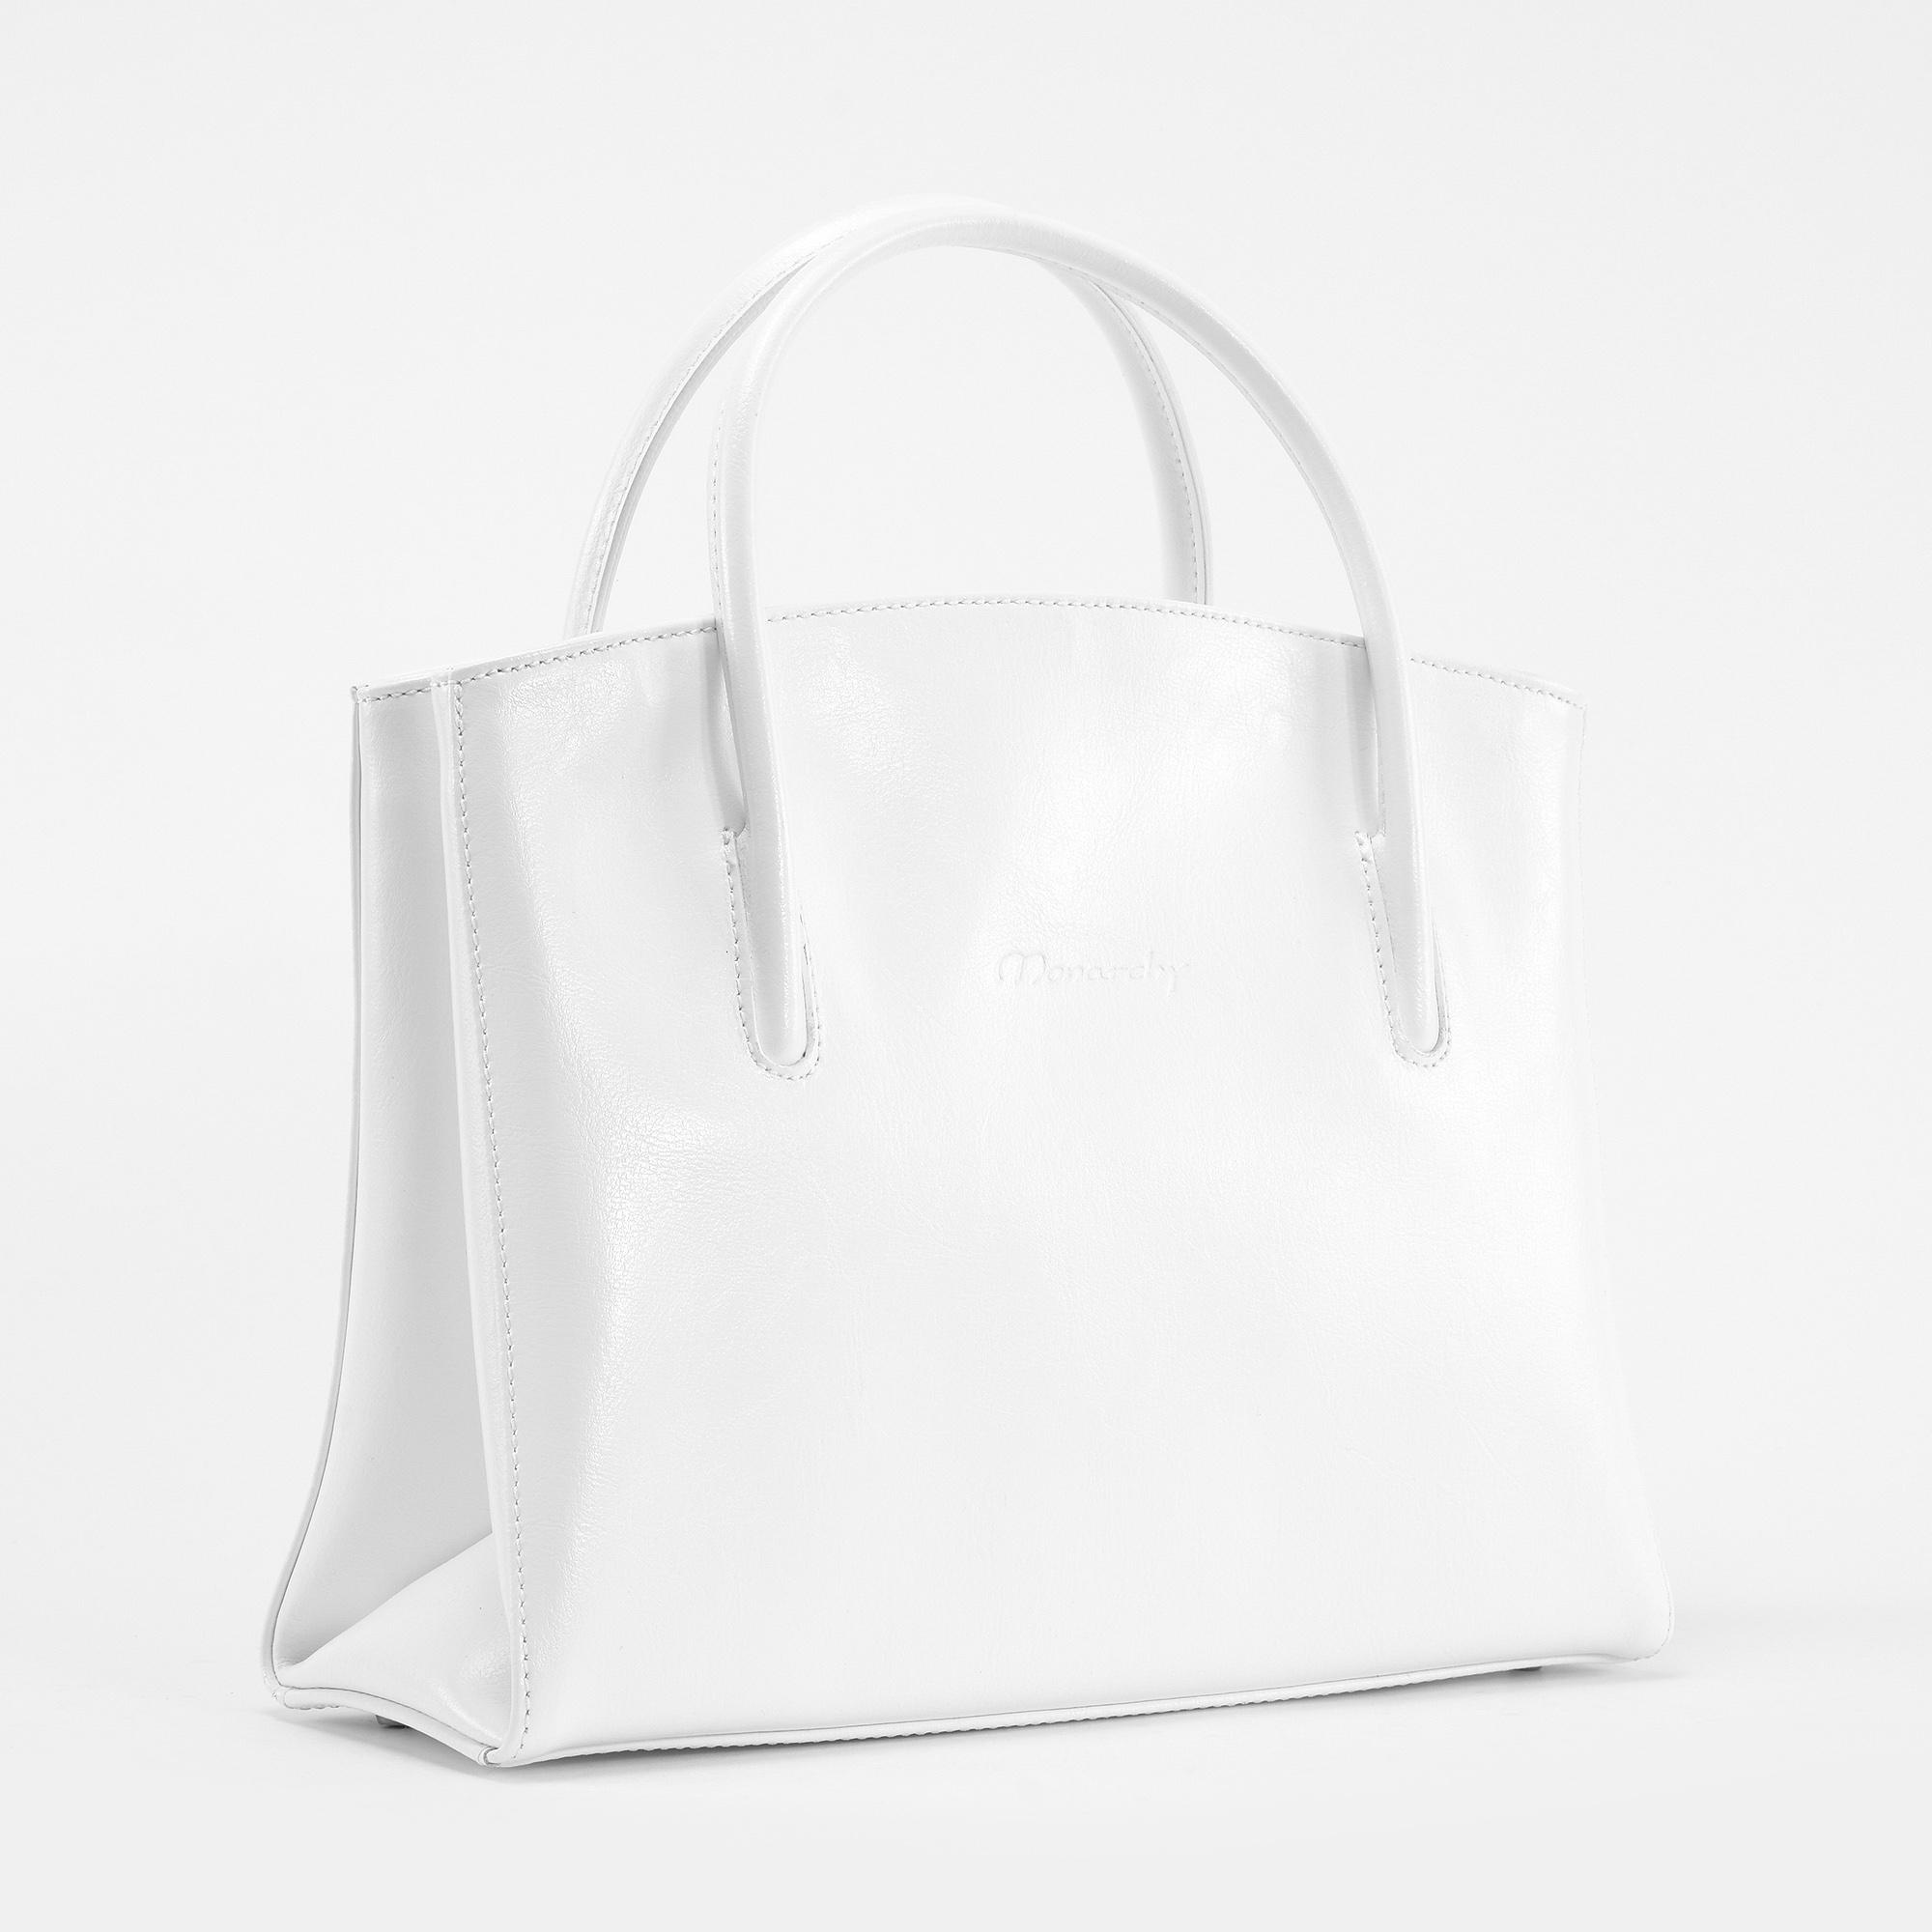 42c9cb1fb37e Monarchy Everyday Fehér Női Valódi Bőr Válltáska - Válltáskák - Táska  webáruház - Minőségi táskák mindenkinek